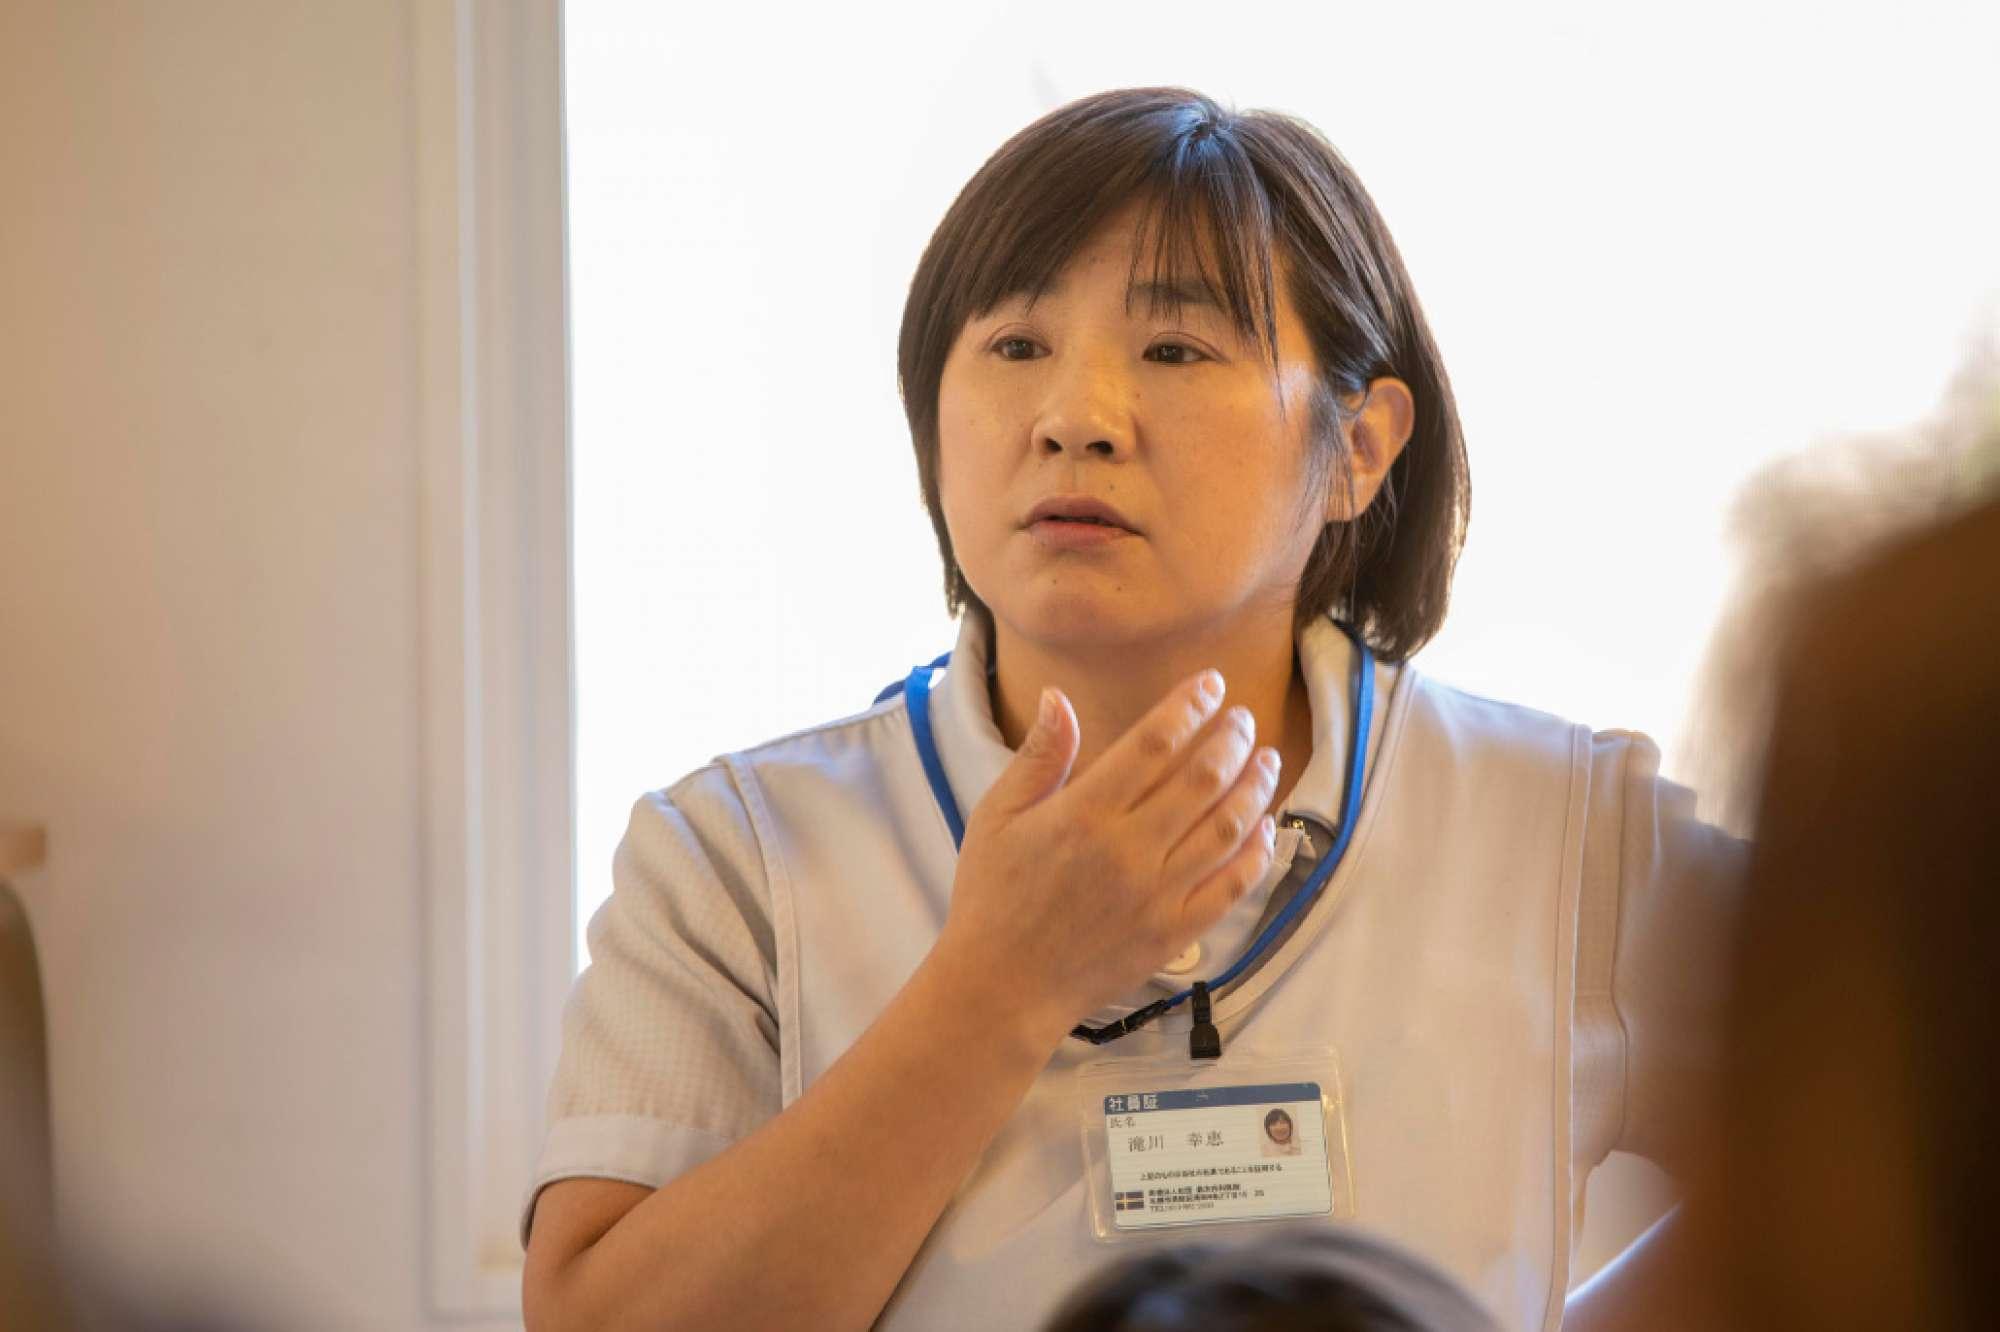 鈴木内科医院で働こうと思ったきっかけは? - 札幌市外の病院で看護師として働いておりましたが、患者さまの退院後の生活も気にするようになり、今後の自分の看護方向についていろいろ考えていました。そこで偶然、訪問看護師の話を聞いたのがきっかけです。すぐに「やりたい!」という情熱が強くなり、鈴木内医院では志が高く、訪問看護に力を入れているということで働かさせていただくようになりました。 -  -